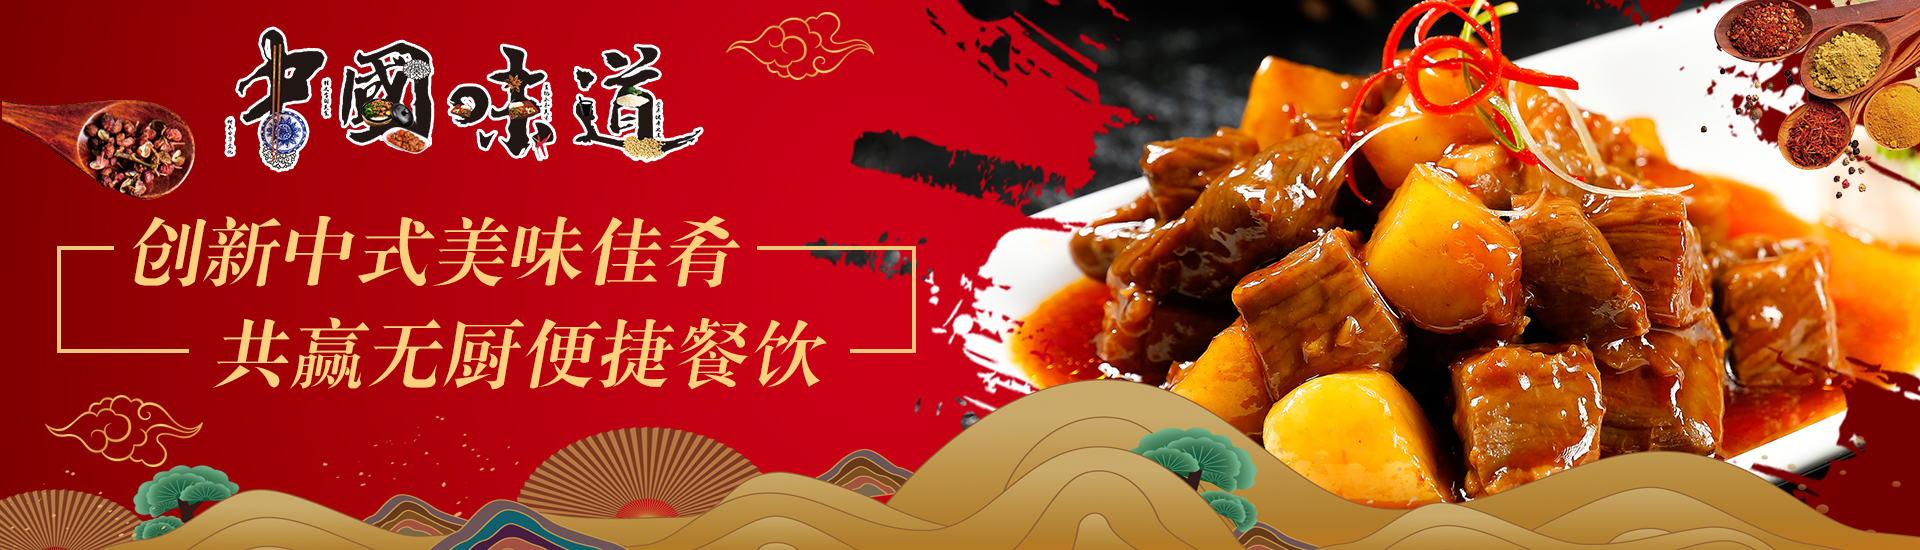 中国餐饮行业标准化服务商-肴小郎料理包